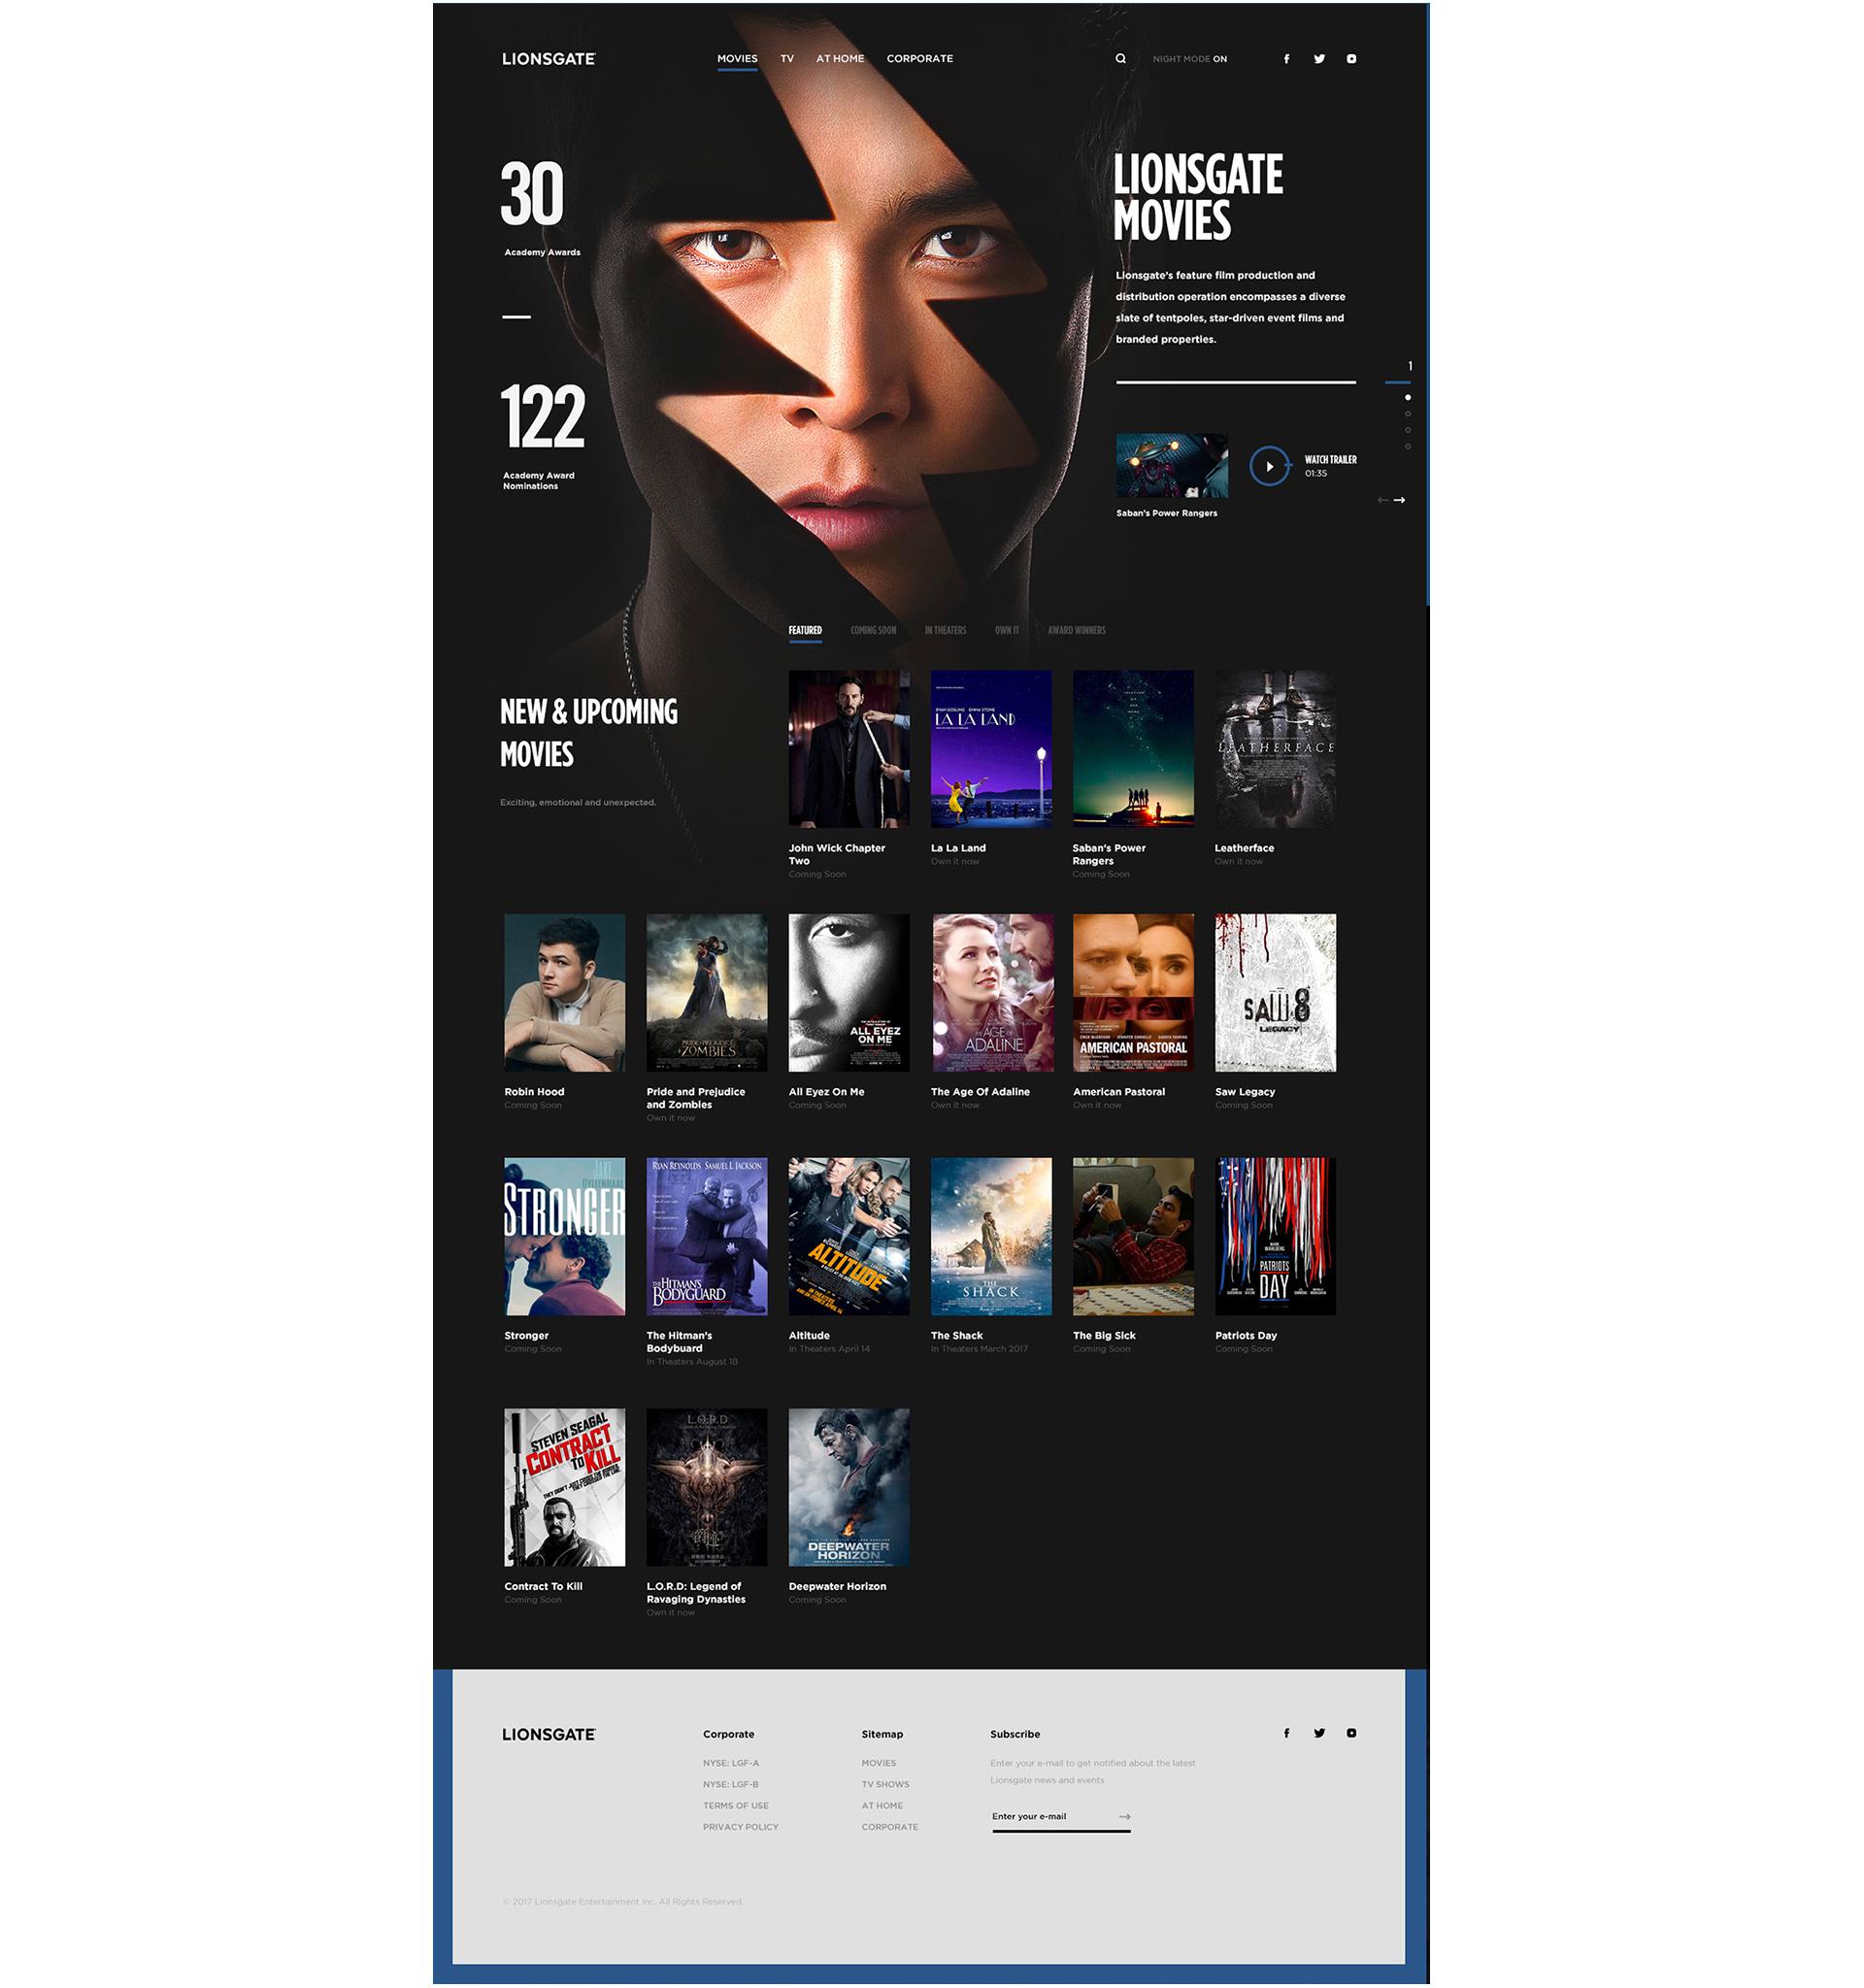 Web Design & UI/UX: Lionsgate Pitch Concept